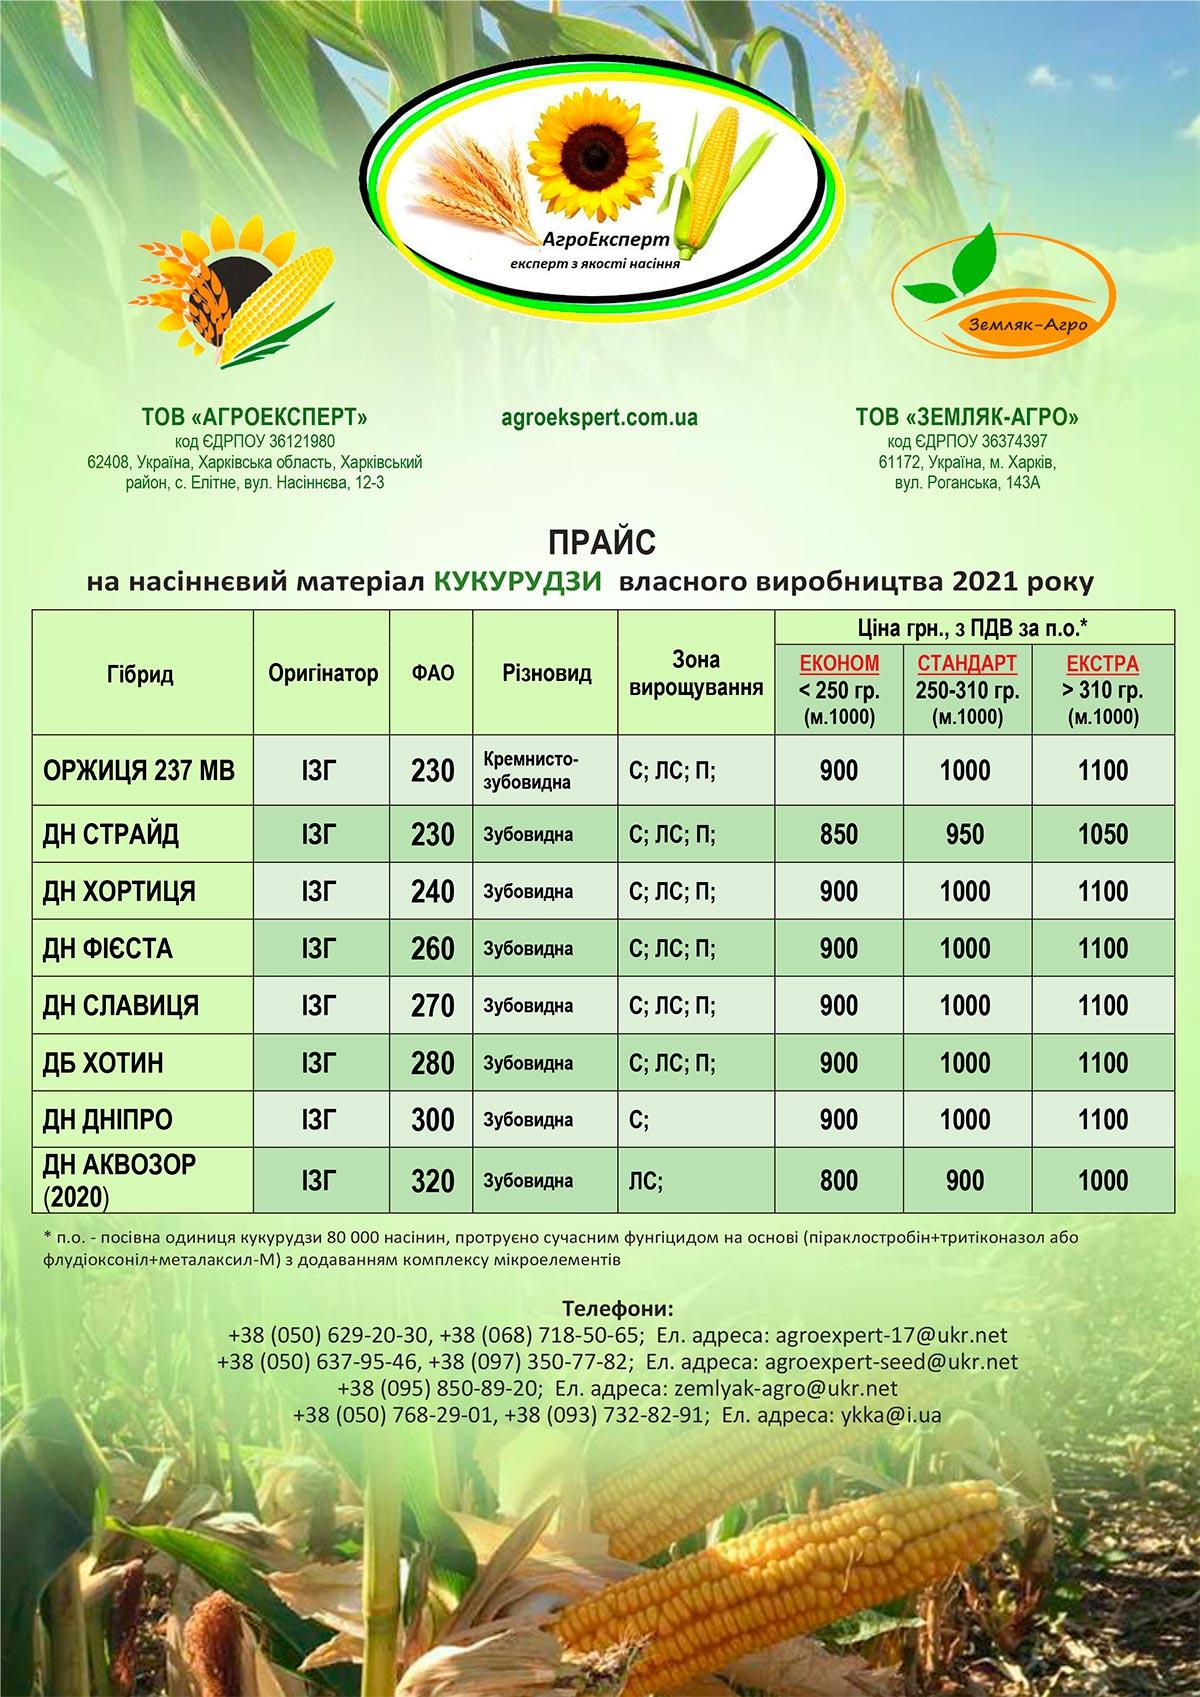 Прайс на насіннєвий матеріал кукурудзи власного виробництва 2021 року від компанії АгроЕксперт